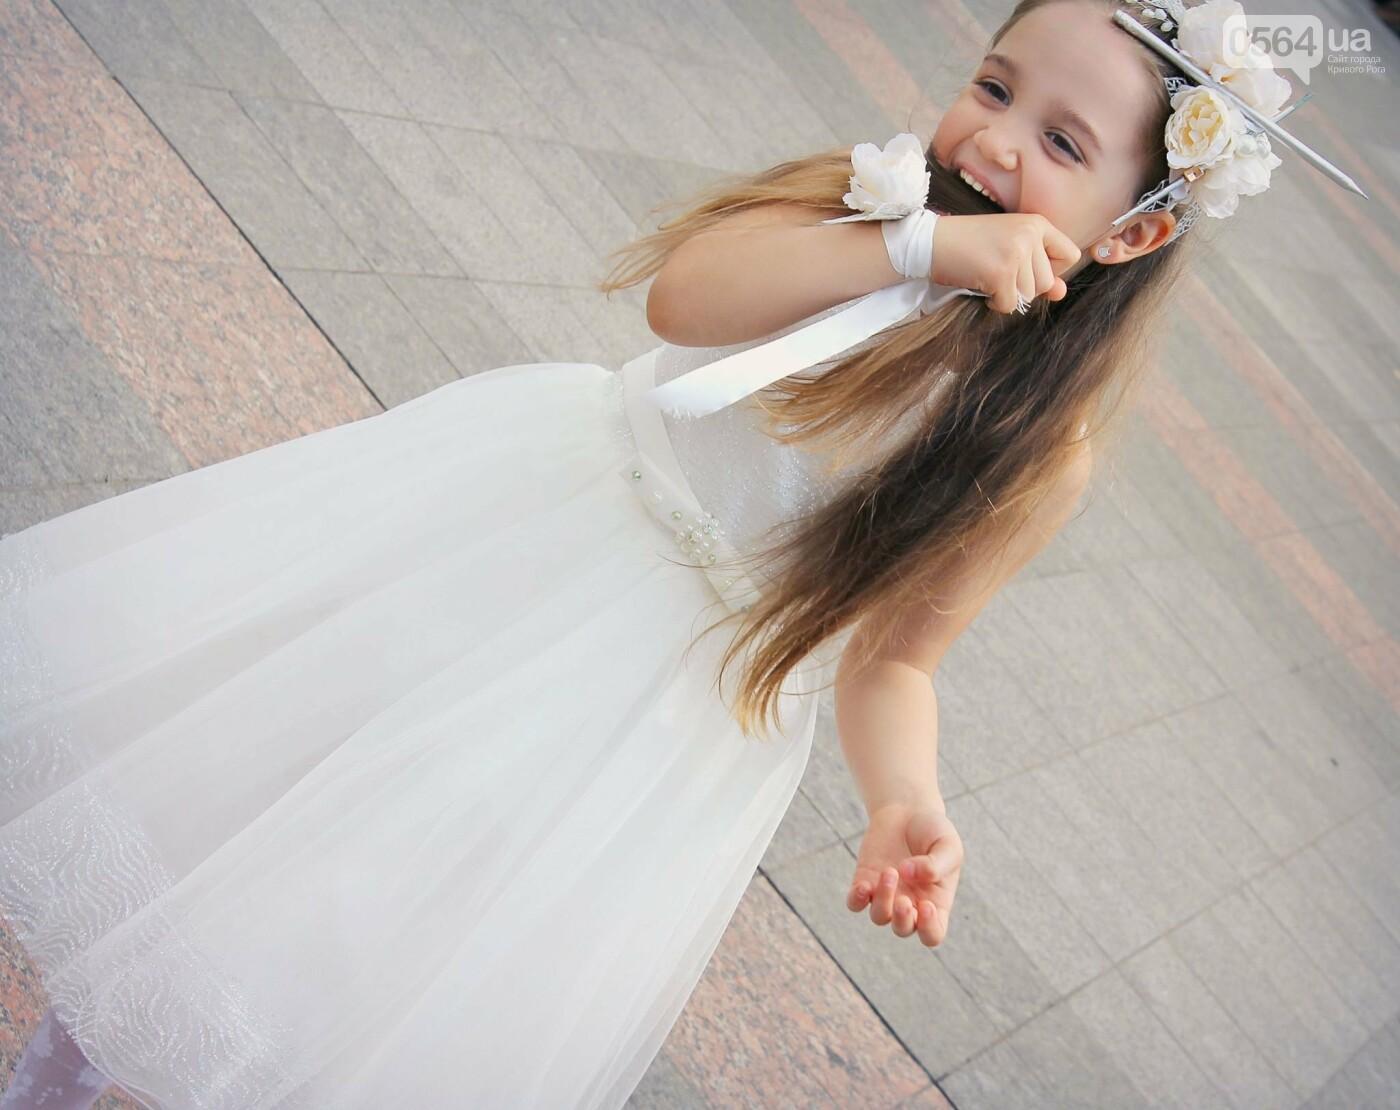 В Кривом Роге на выпускном в детском саду замечена юная последовательница Кати Осадчей, - ФОТО, ВИДЕО, фото-5